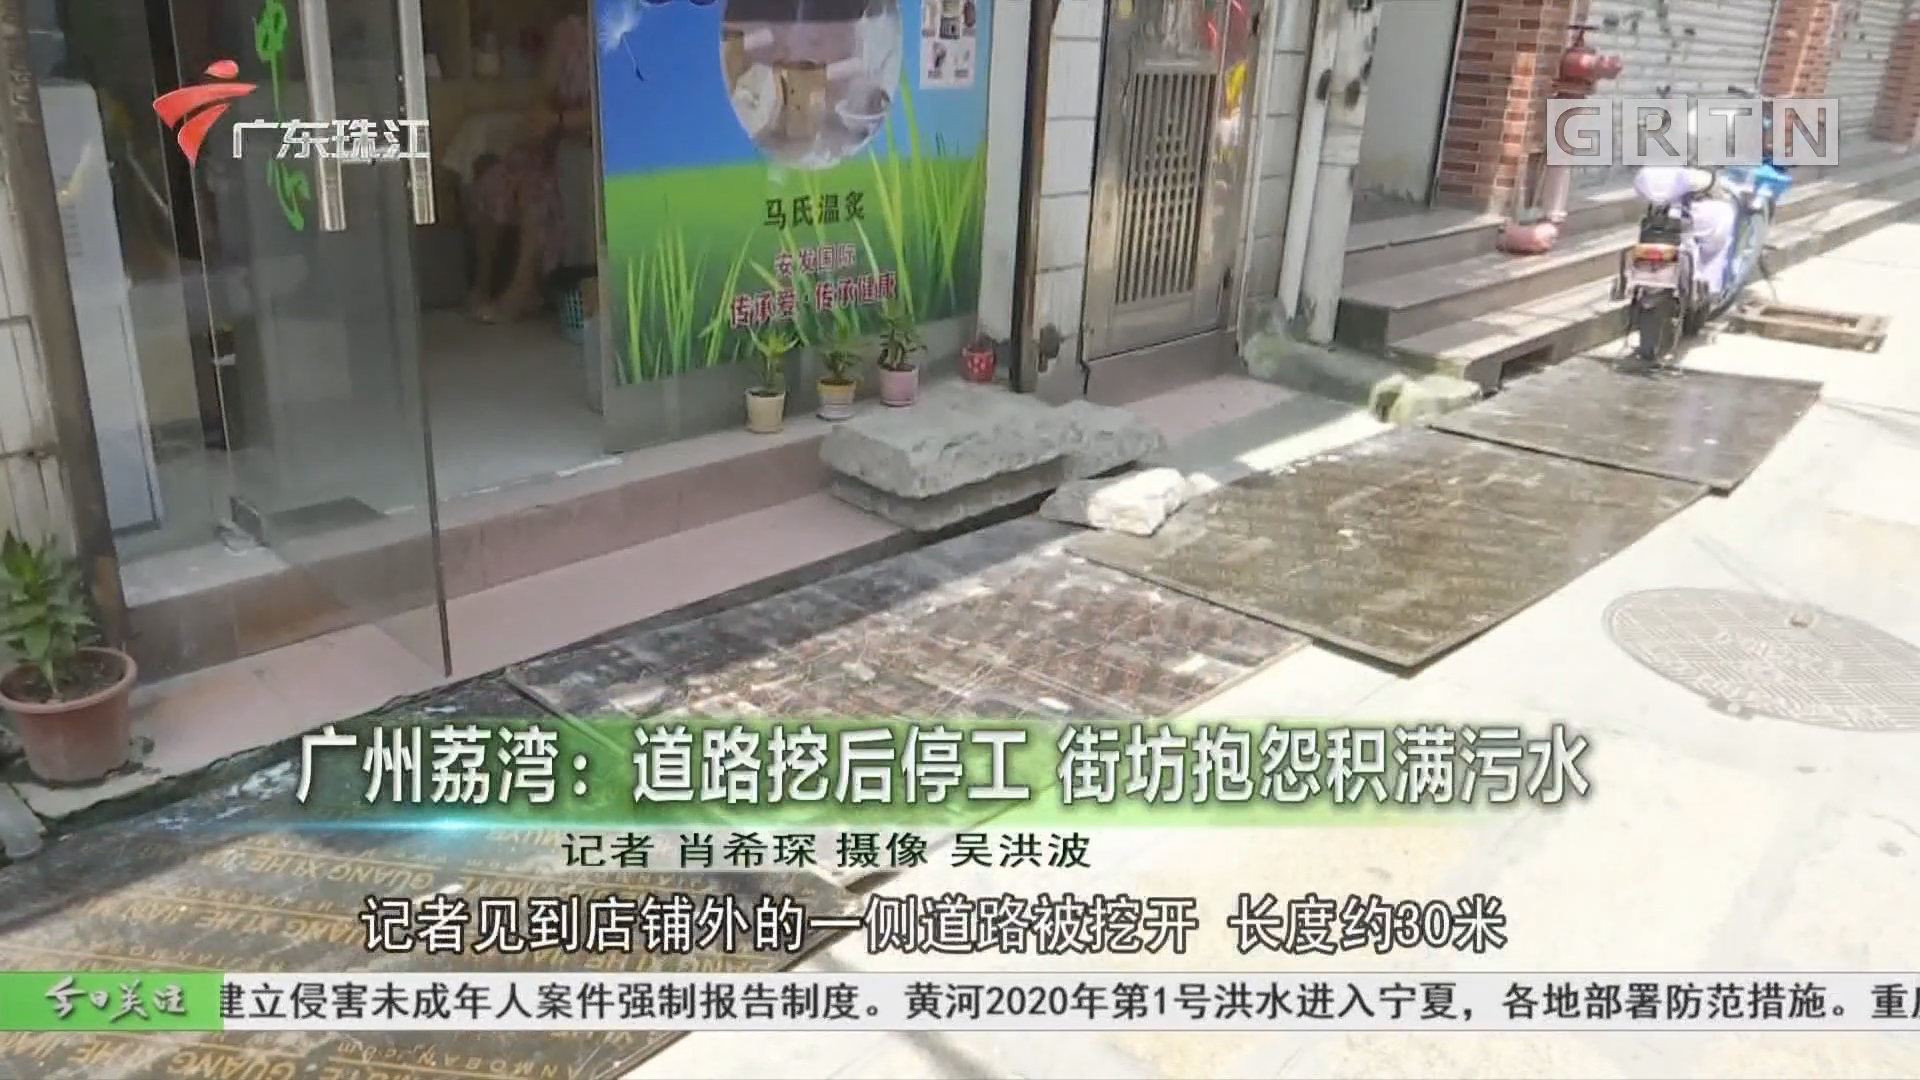 广州荔湾:道路挖后停工 街坊抱怨积满污水